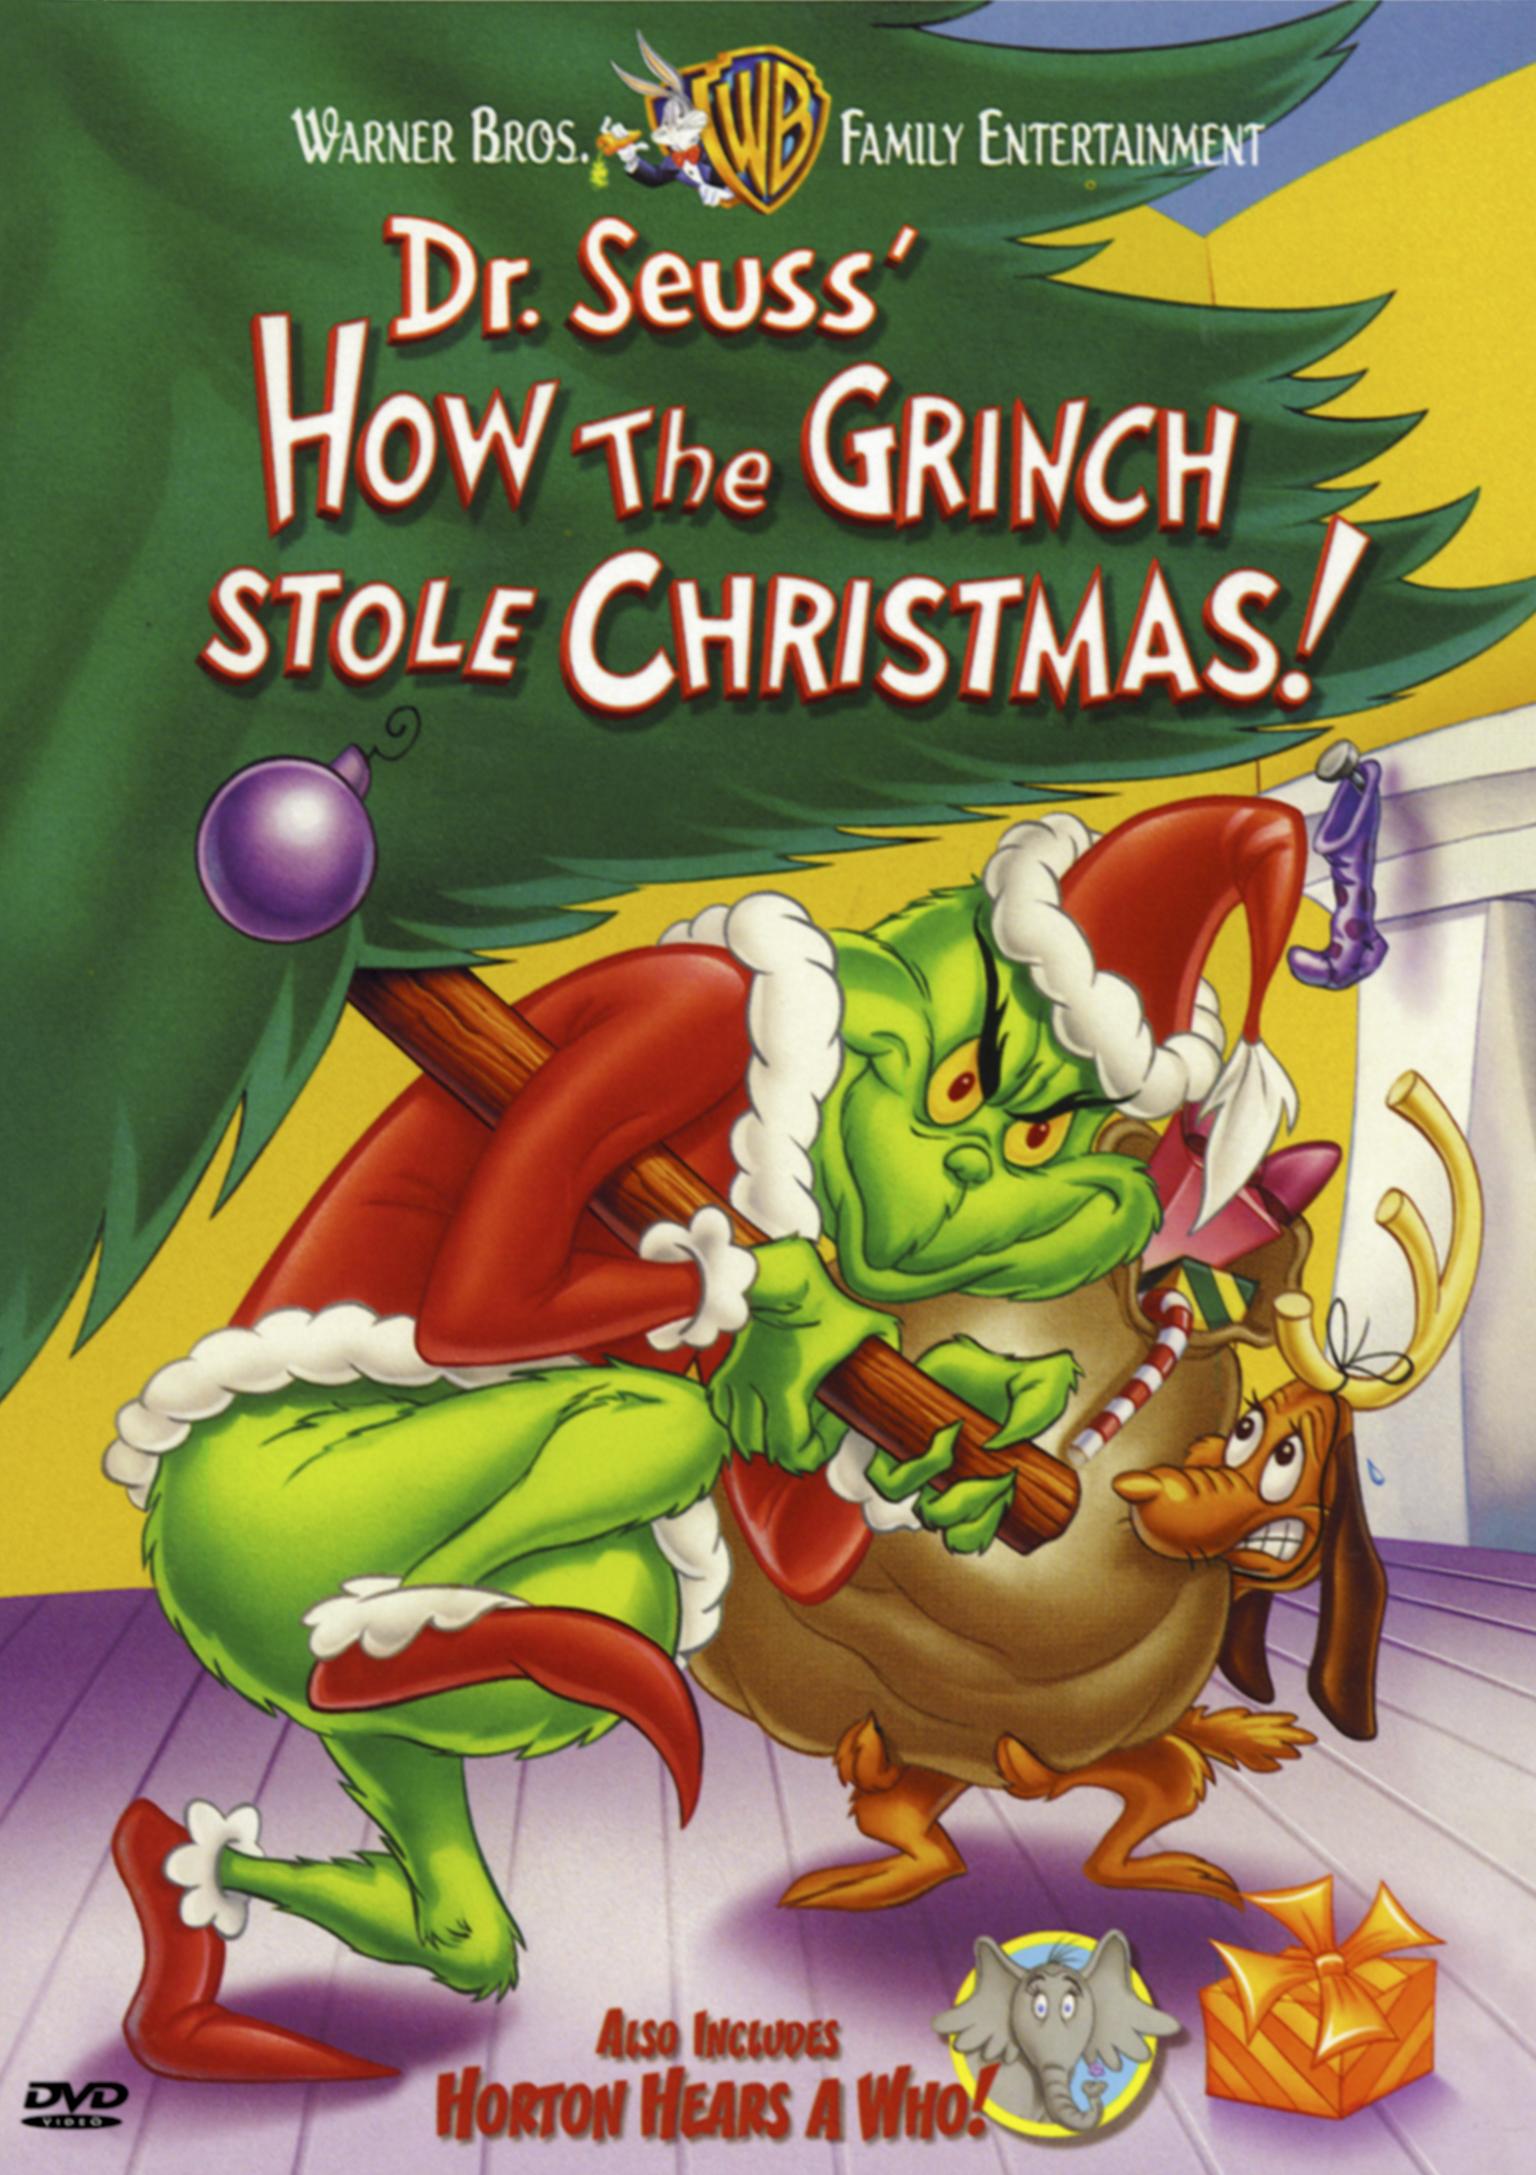 115How_The_Grinch_Stole_Christmas.jpg